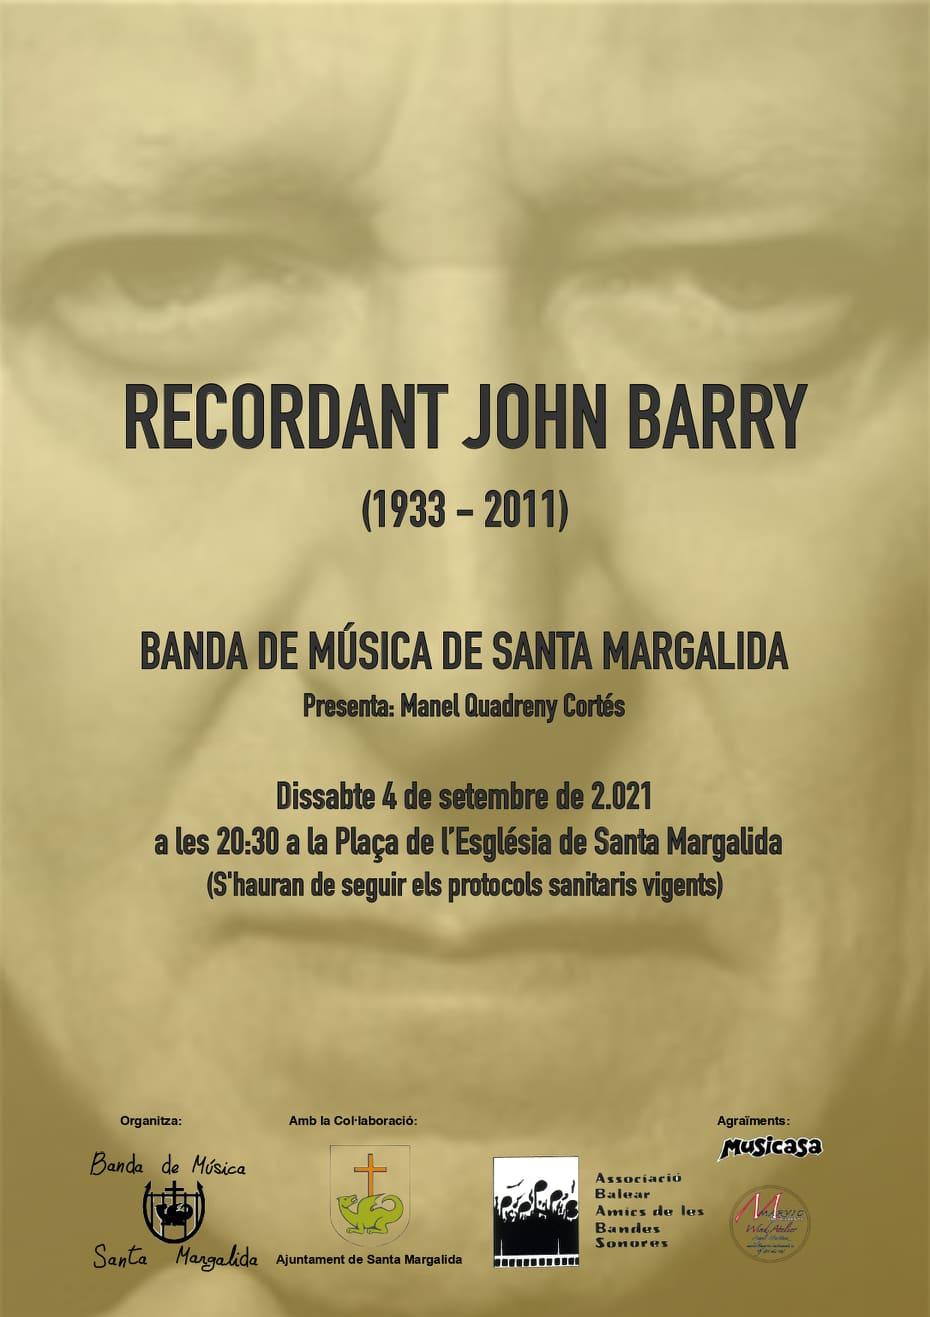 Recordant John Barry: Concierto en Mallorca (ABABS)